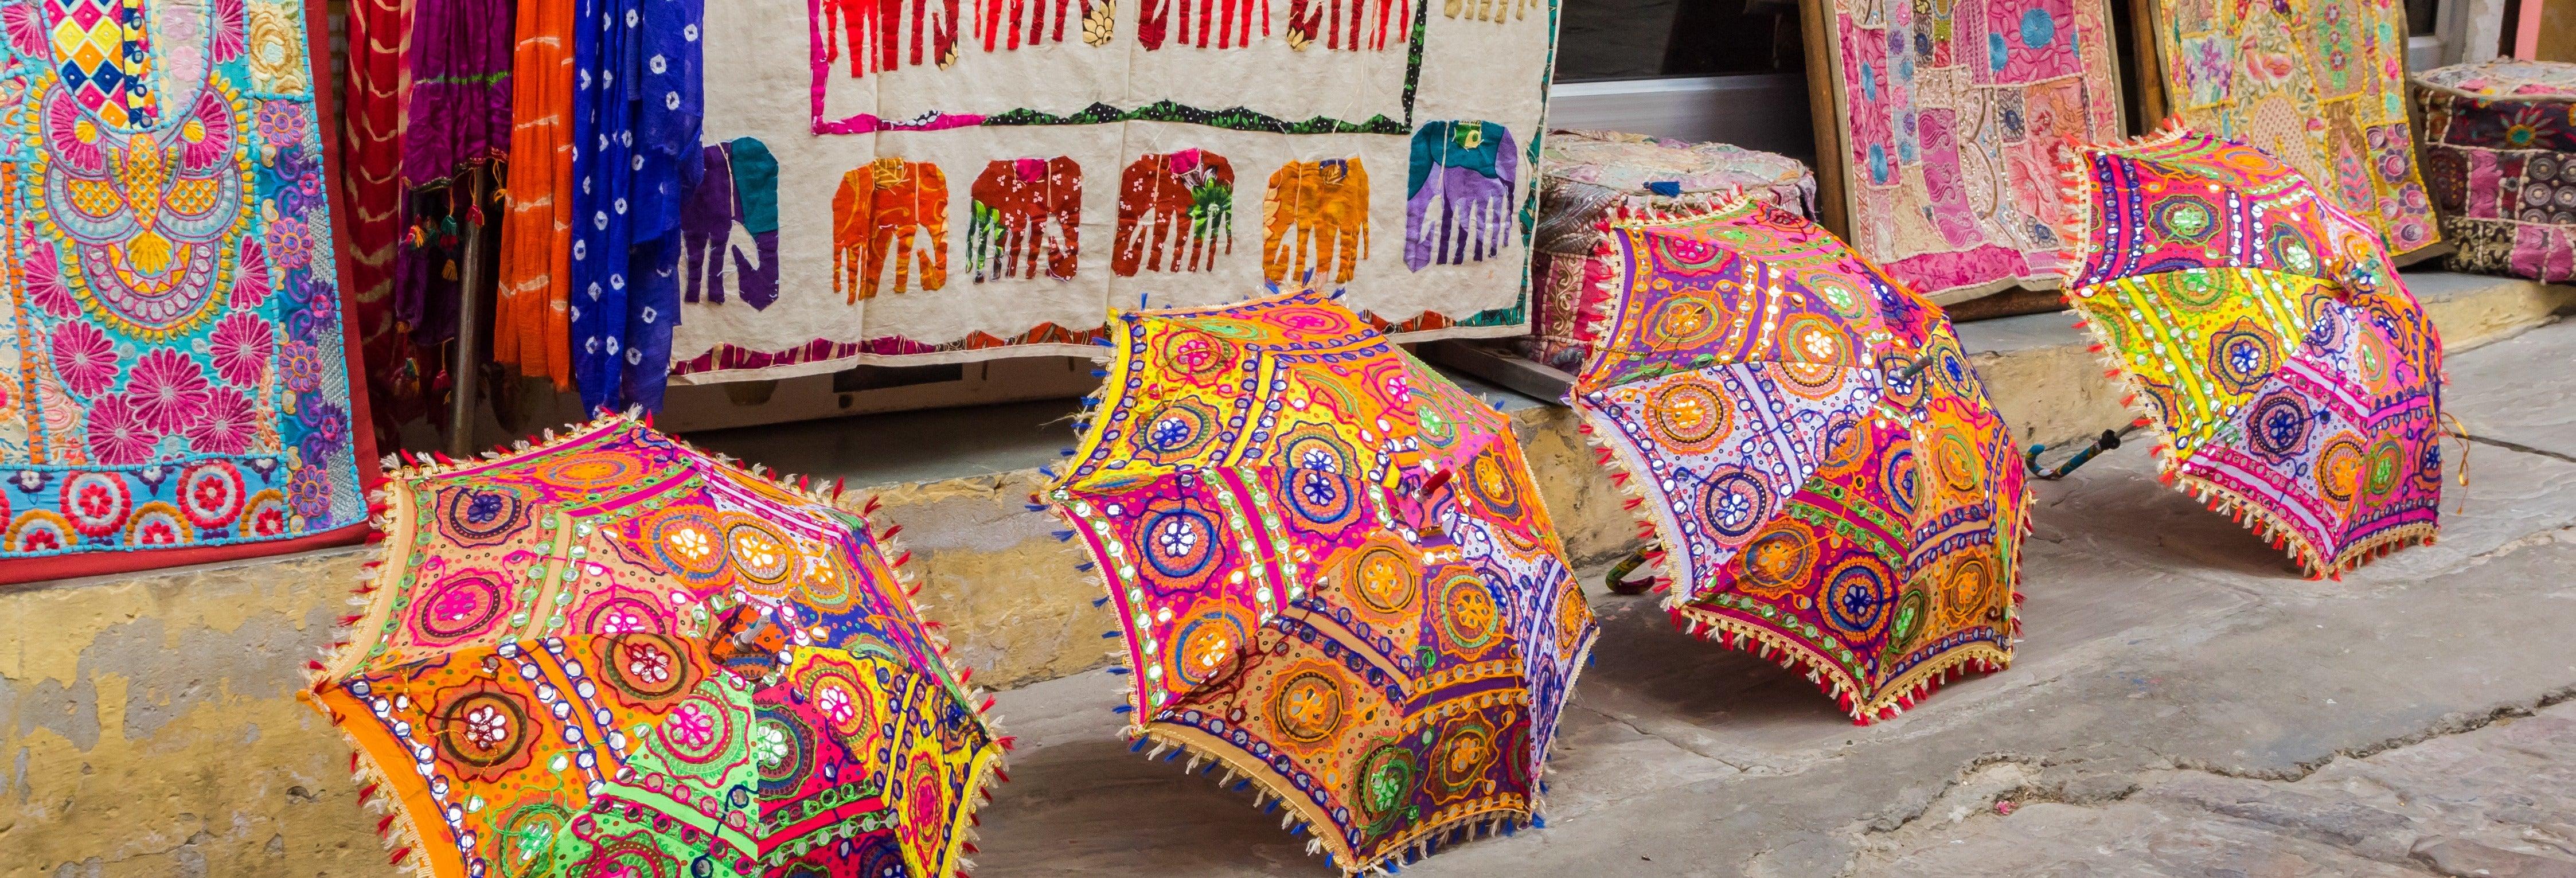 Tour dei bazar di Jaipur